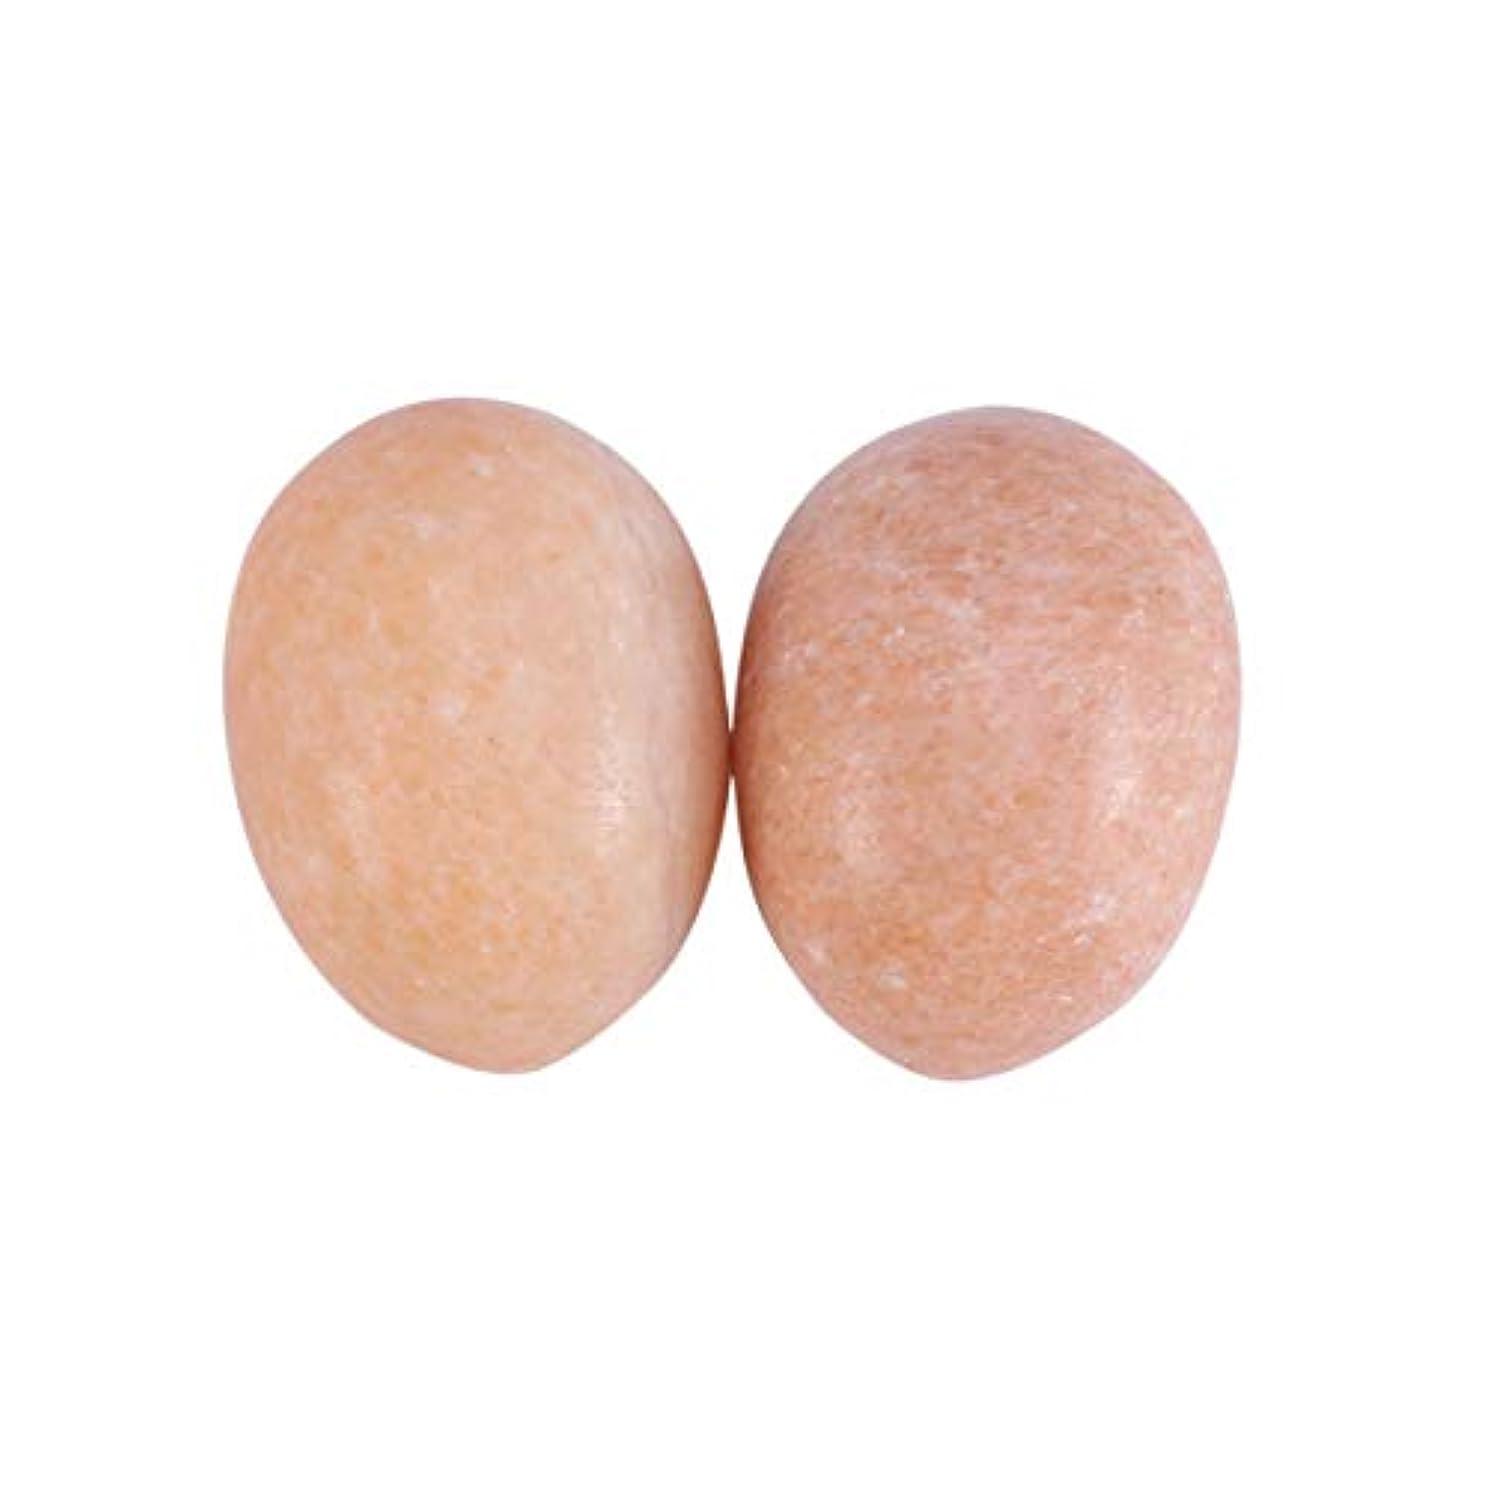 アーサーコナンドイルデマンド労働者Healifty 妊娠中の女性のためのマッサージボール6個玉ヨニ卵骨盤底筋マッサージ運動膣締め付けボールヘルスケア(サンセットレッド)